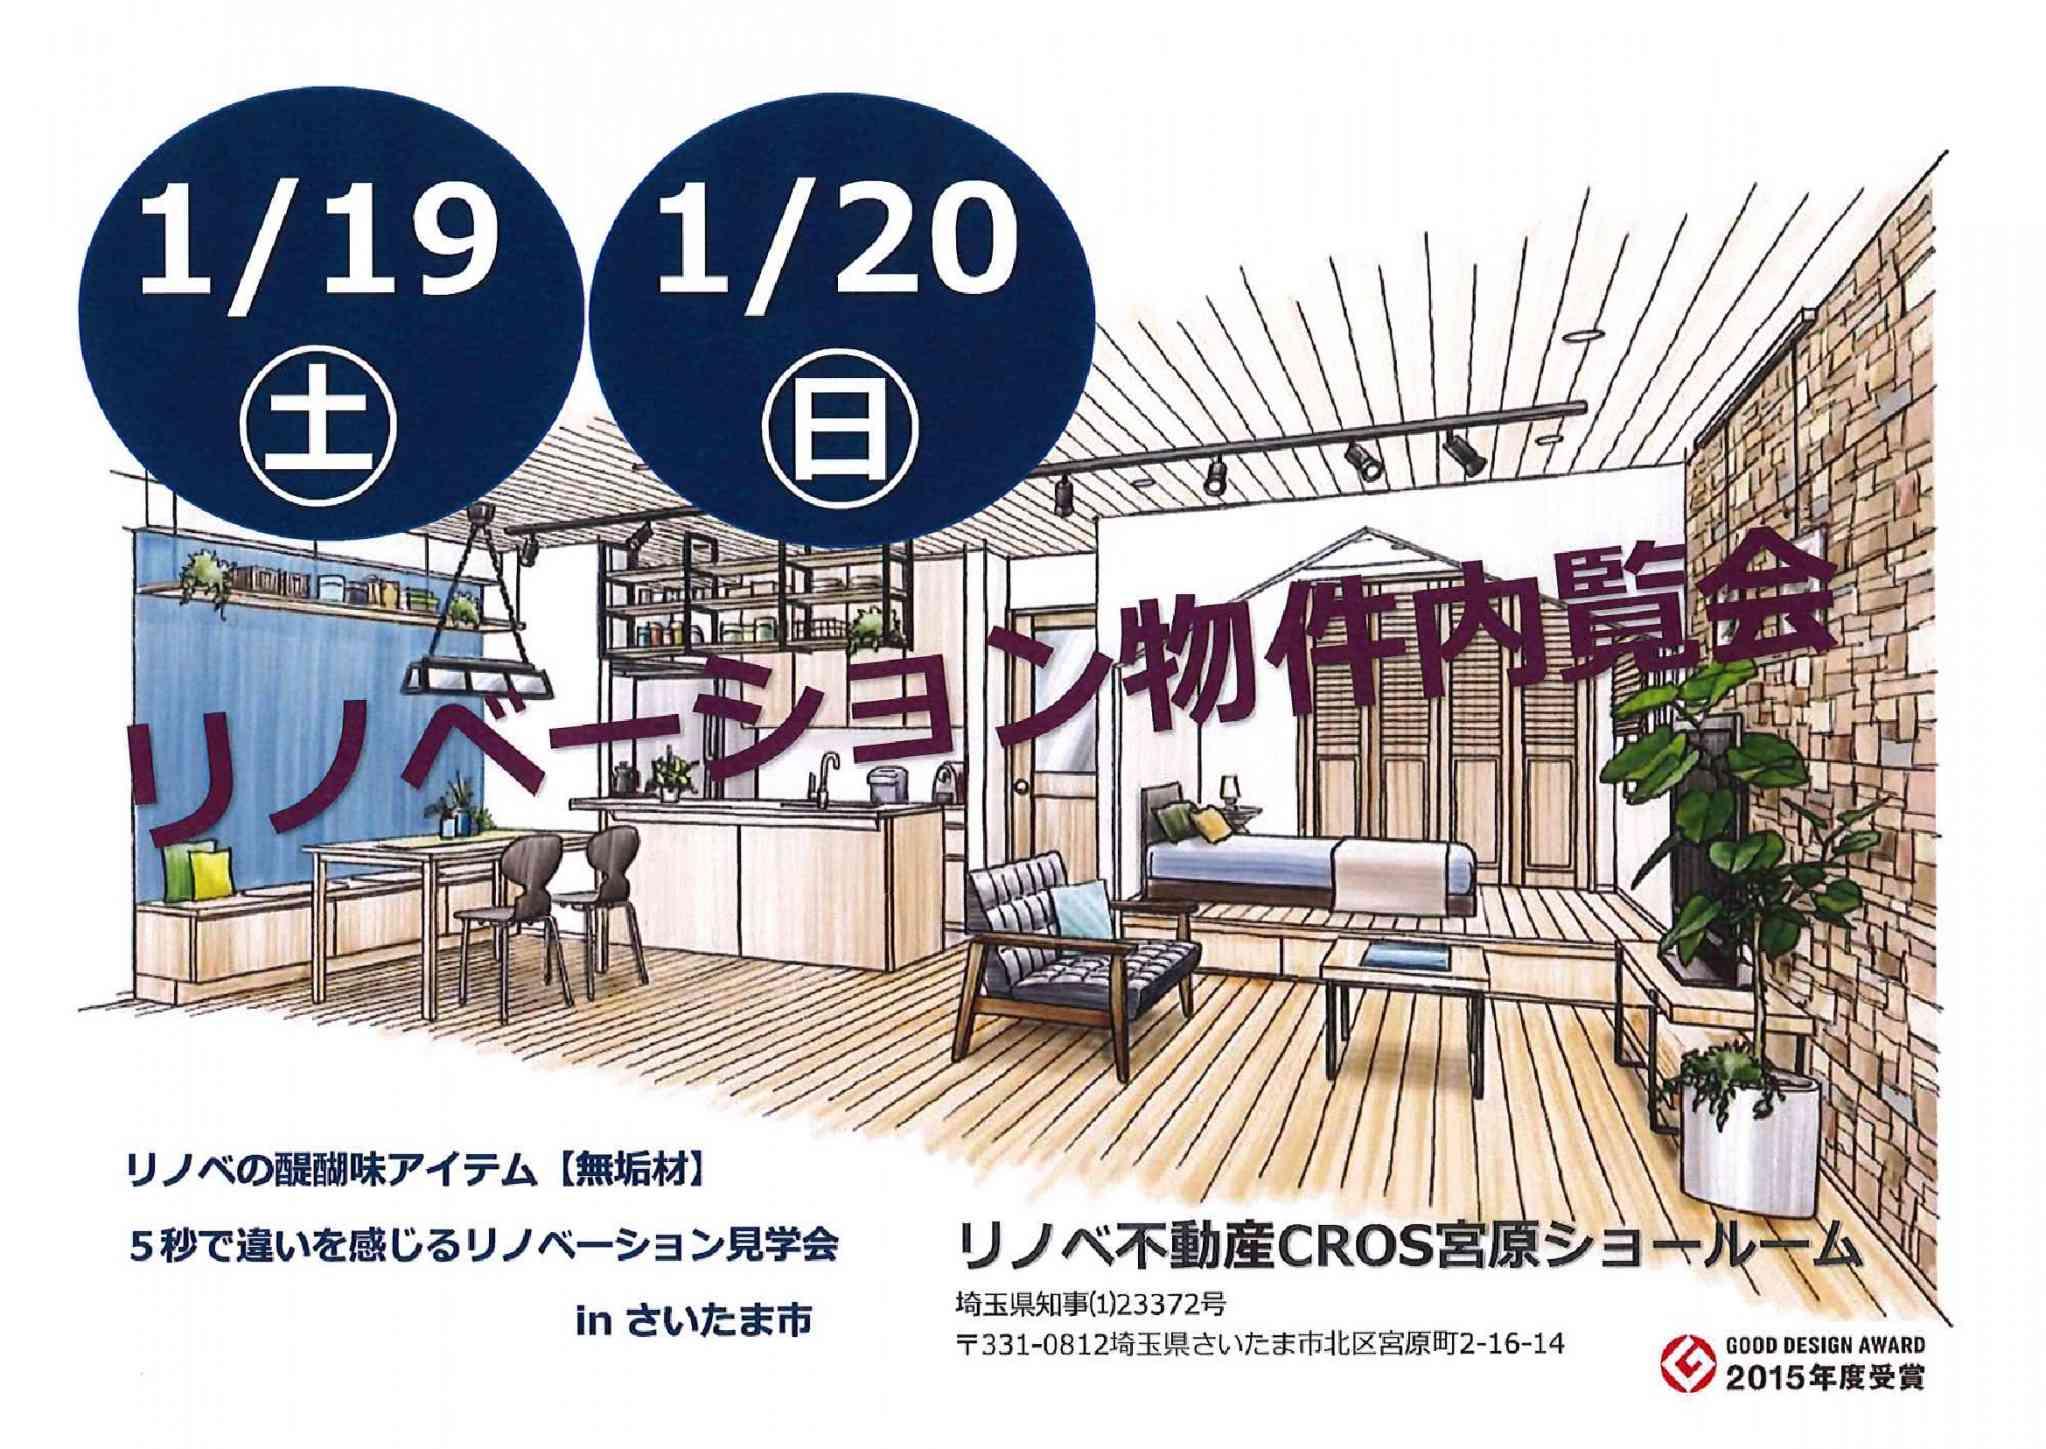 【さいたま市】リノベーション物件 見学会